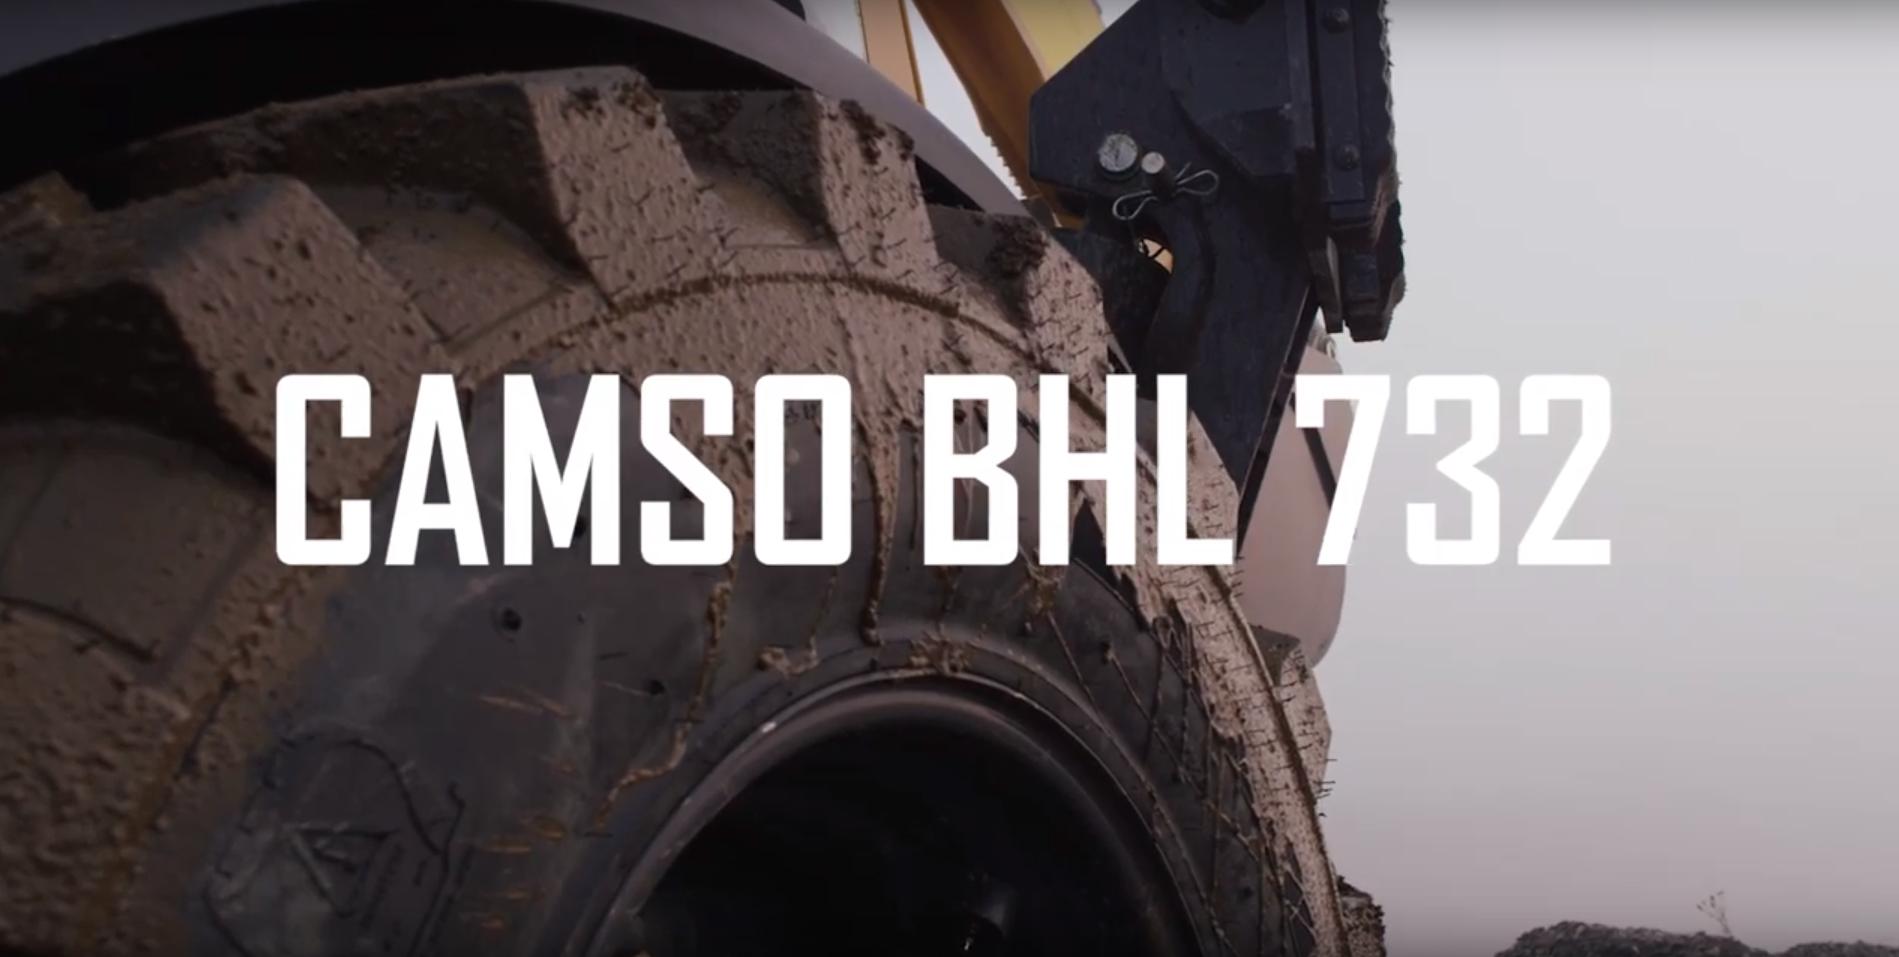 Bhl732